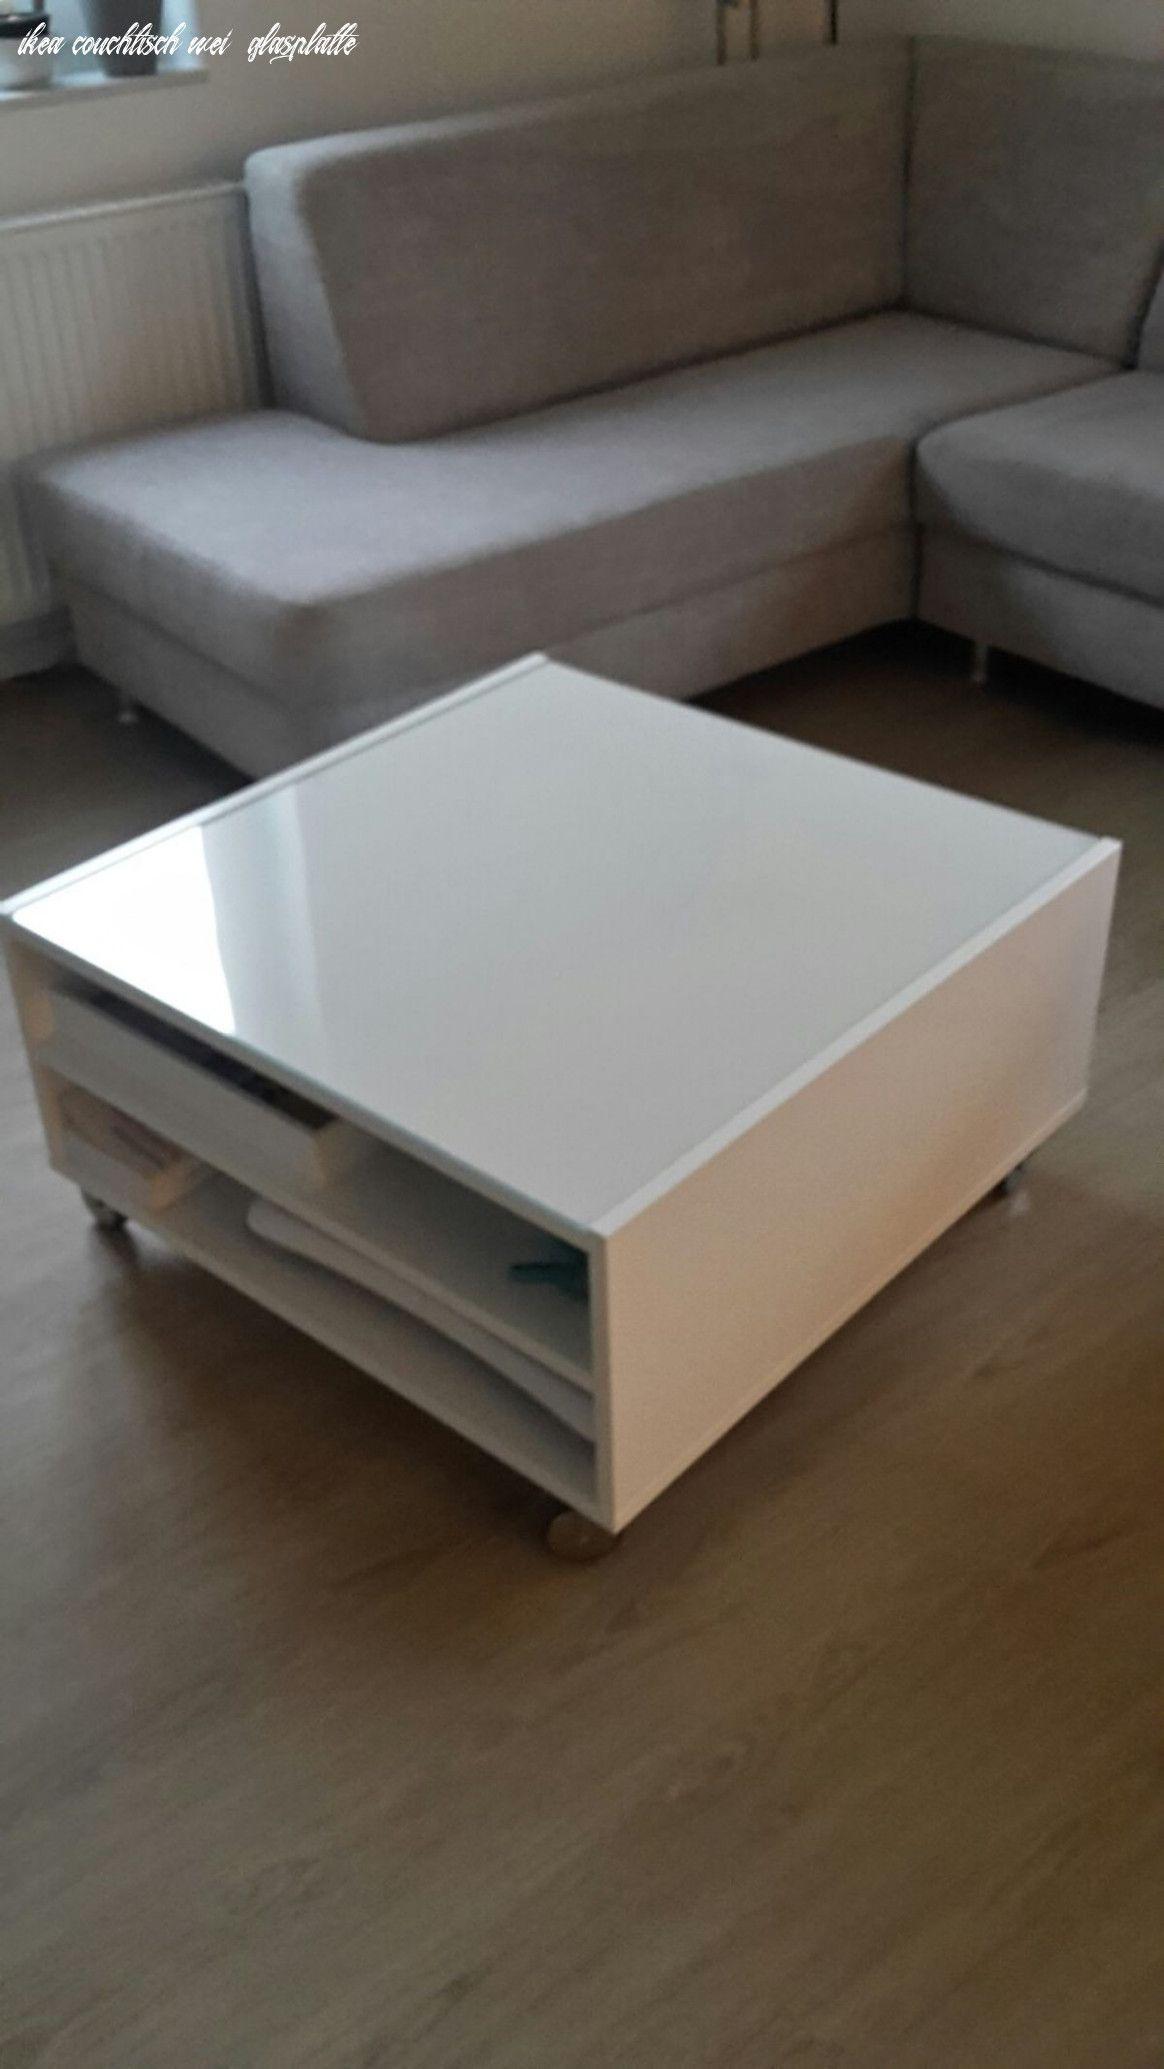 Die Wahrheit Uber Ikea Couchtisch Weiss Glasplatte Wird Bald Enthullt In 2020 Ikea Couchtisch Ikea Couchtisch Weiss Couchtisch Weiss